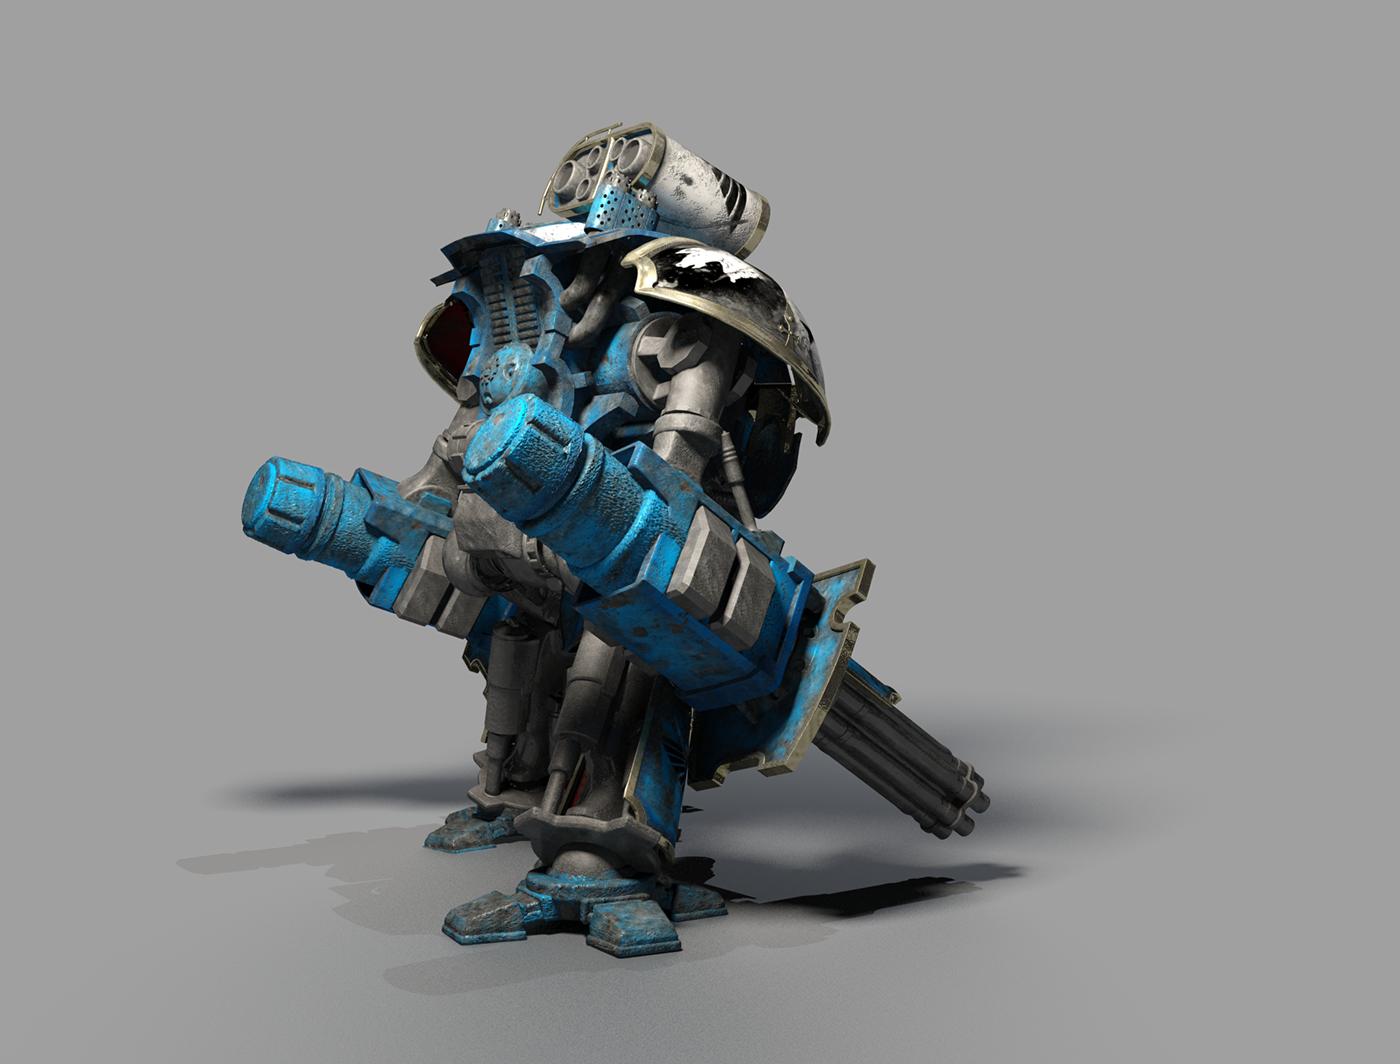 Warhammer 3ds max